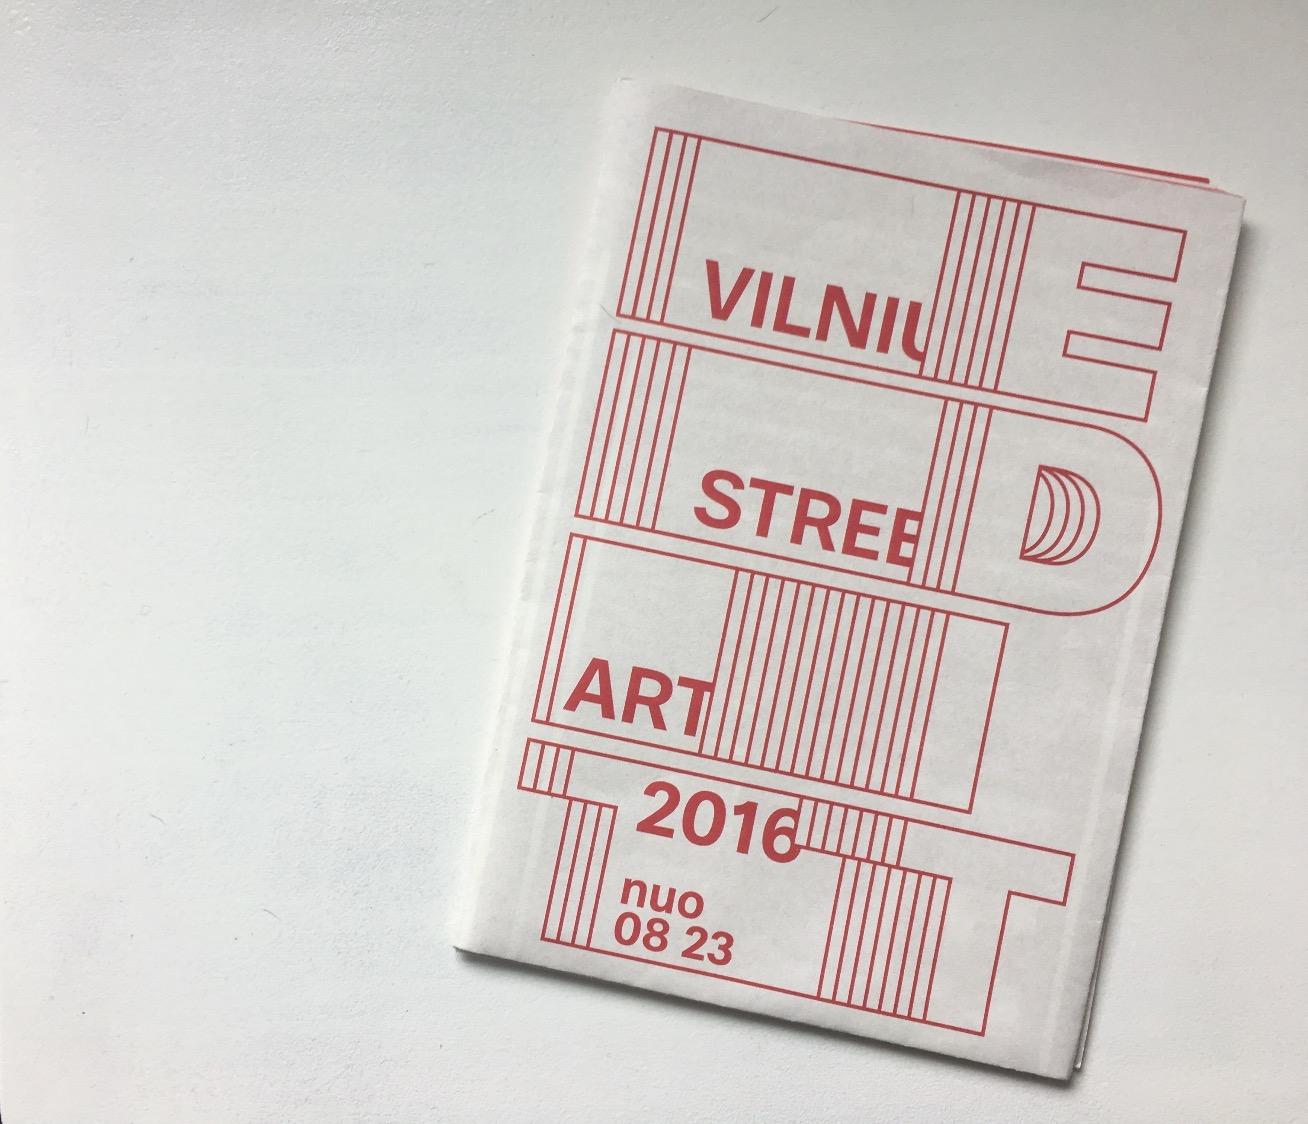 Vilnius Street Art Fest 2016